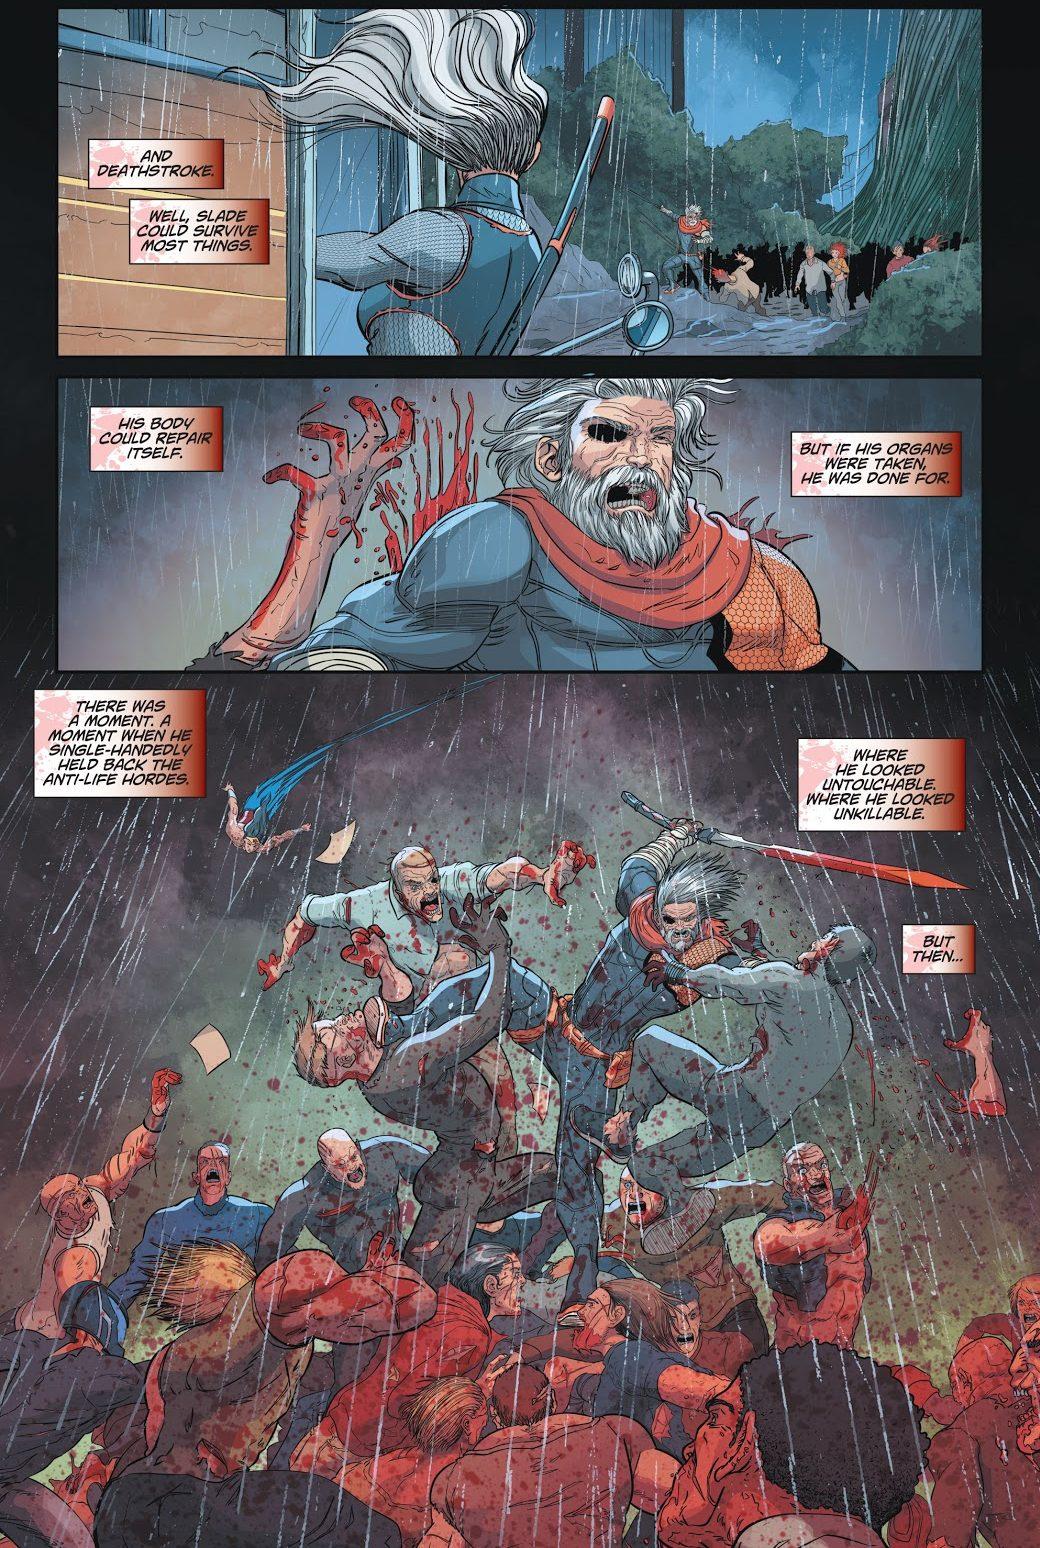 Zombie Wonder Woman Kills Deathstroke (DCeased)